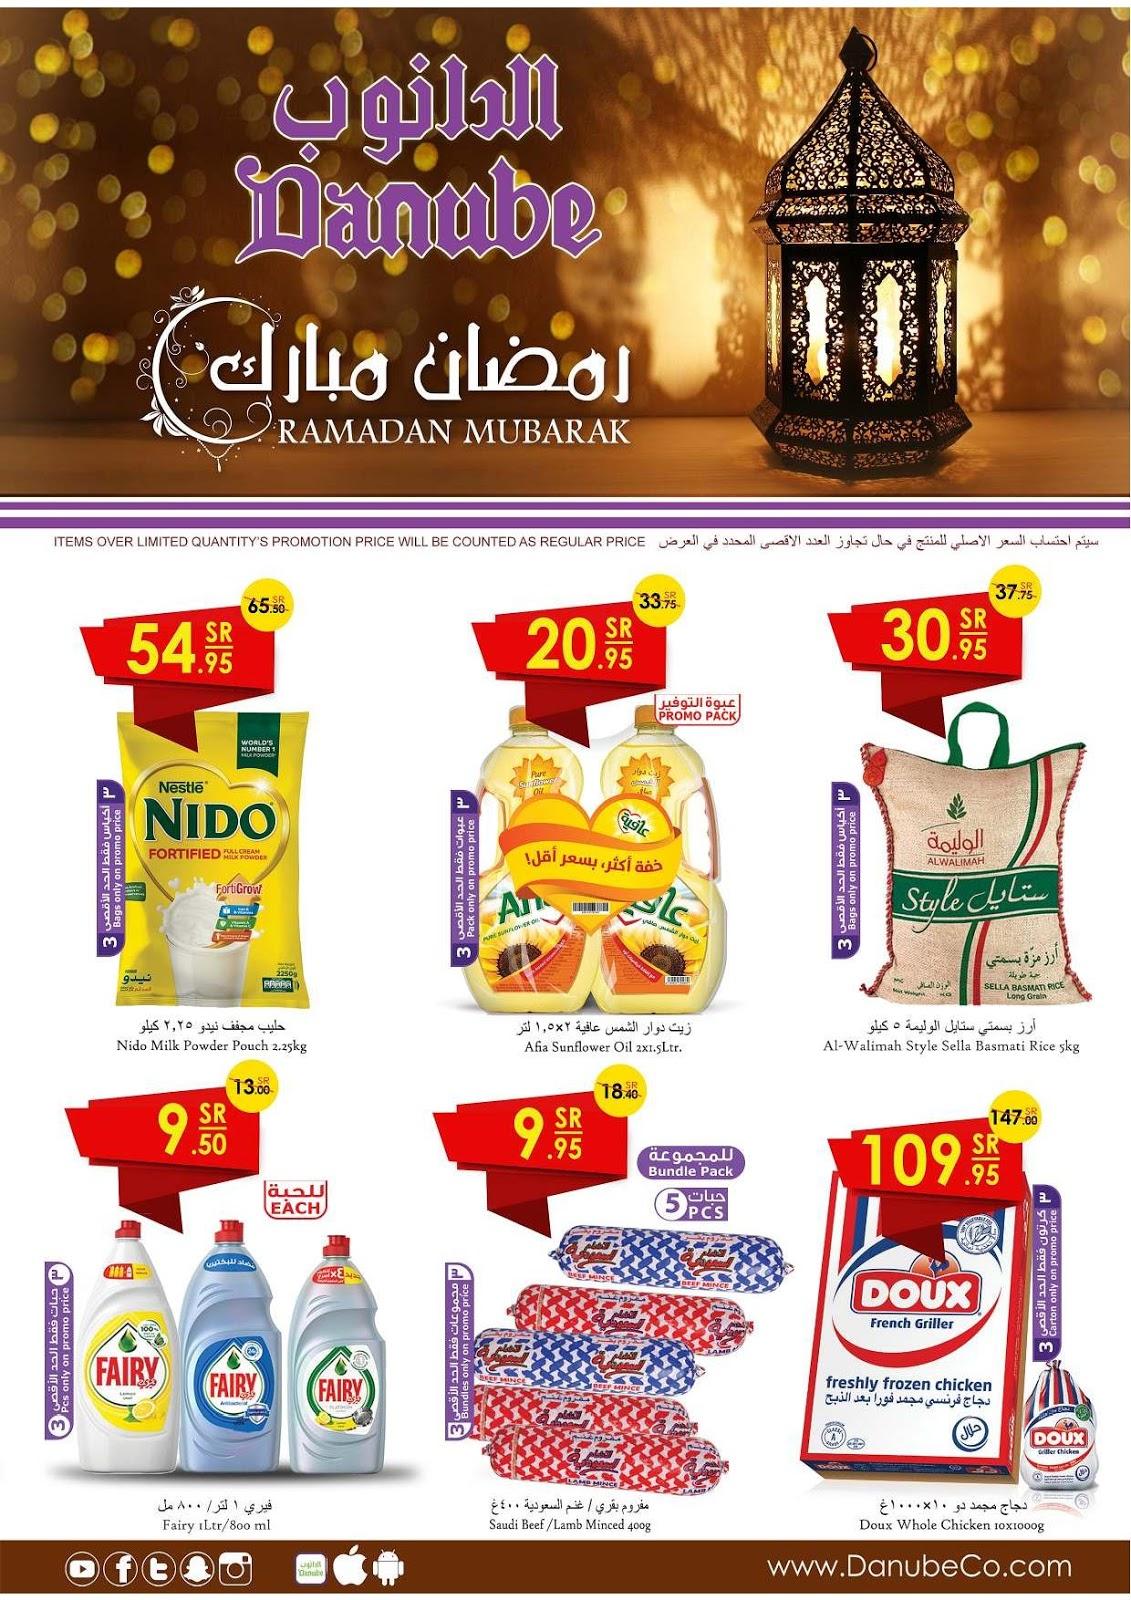 عروض الدانوب جدة الاسبوعية من 25 مارس حتى 31 مارس 2020 رمضان مبارك